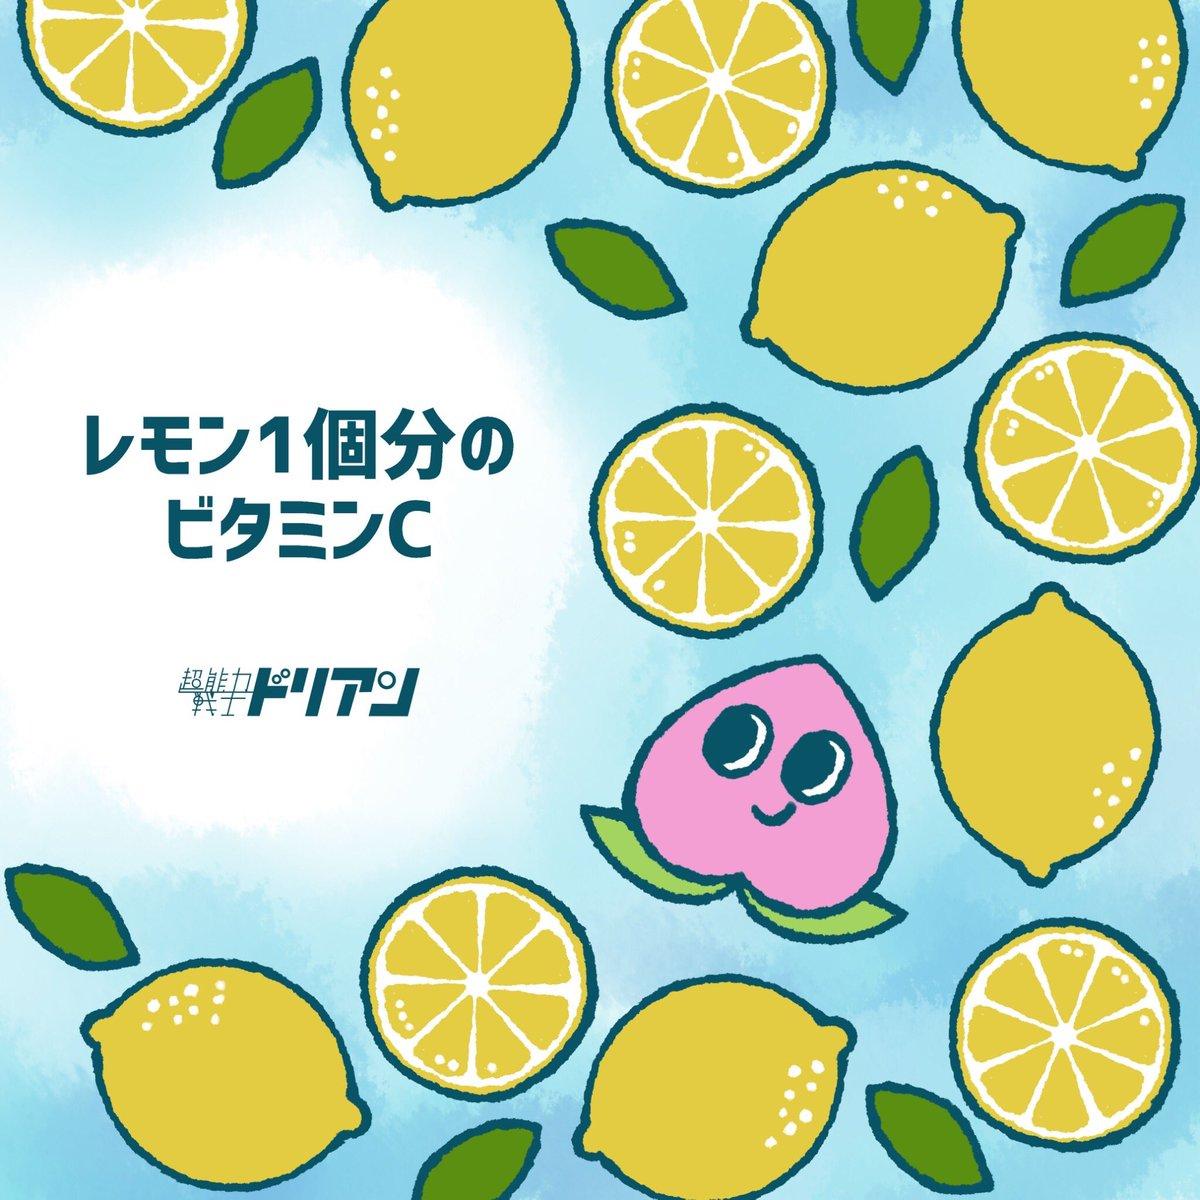 #RI802 #ドリアンのレモン のタグで沢山ツイートしよう🙌いける!!!何がか分からんけど!!!いける!!!!!!!